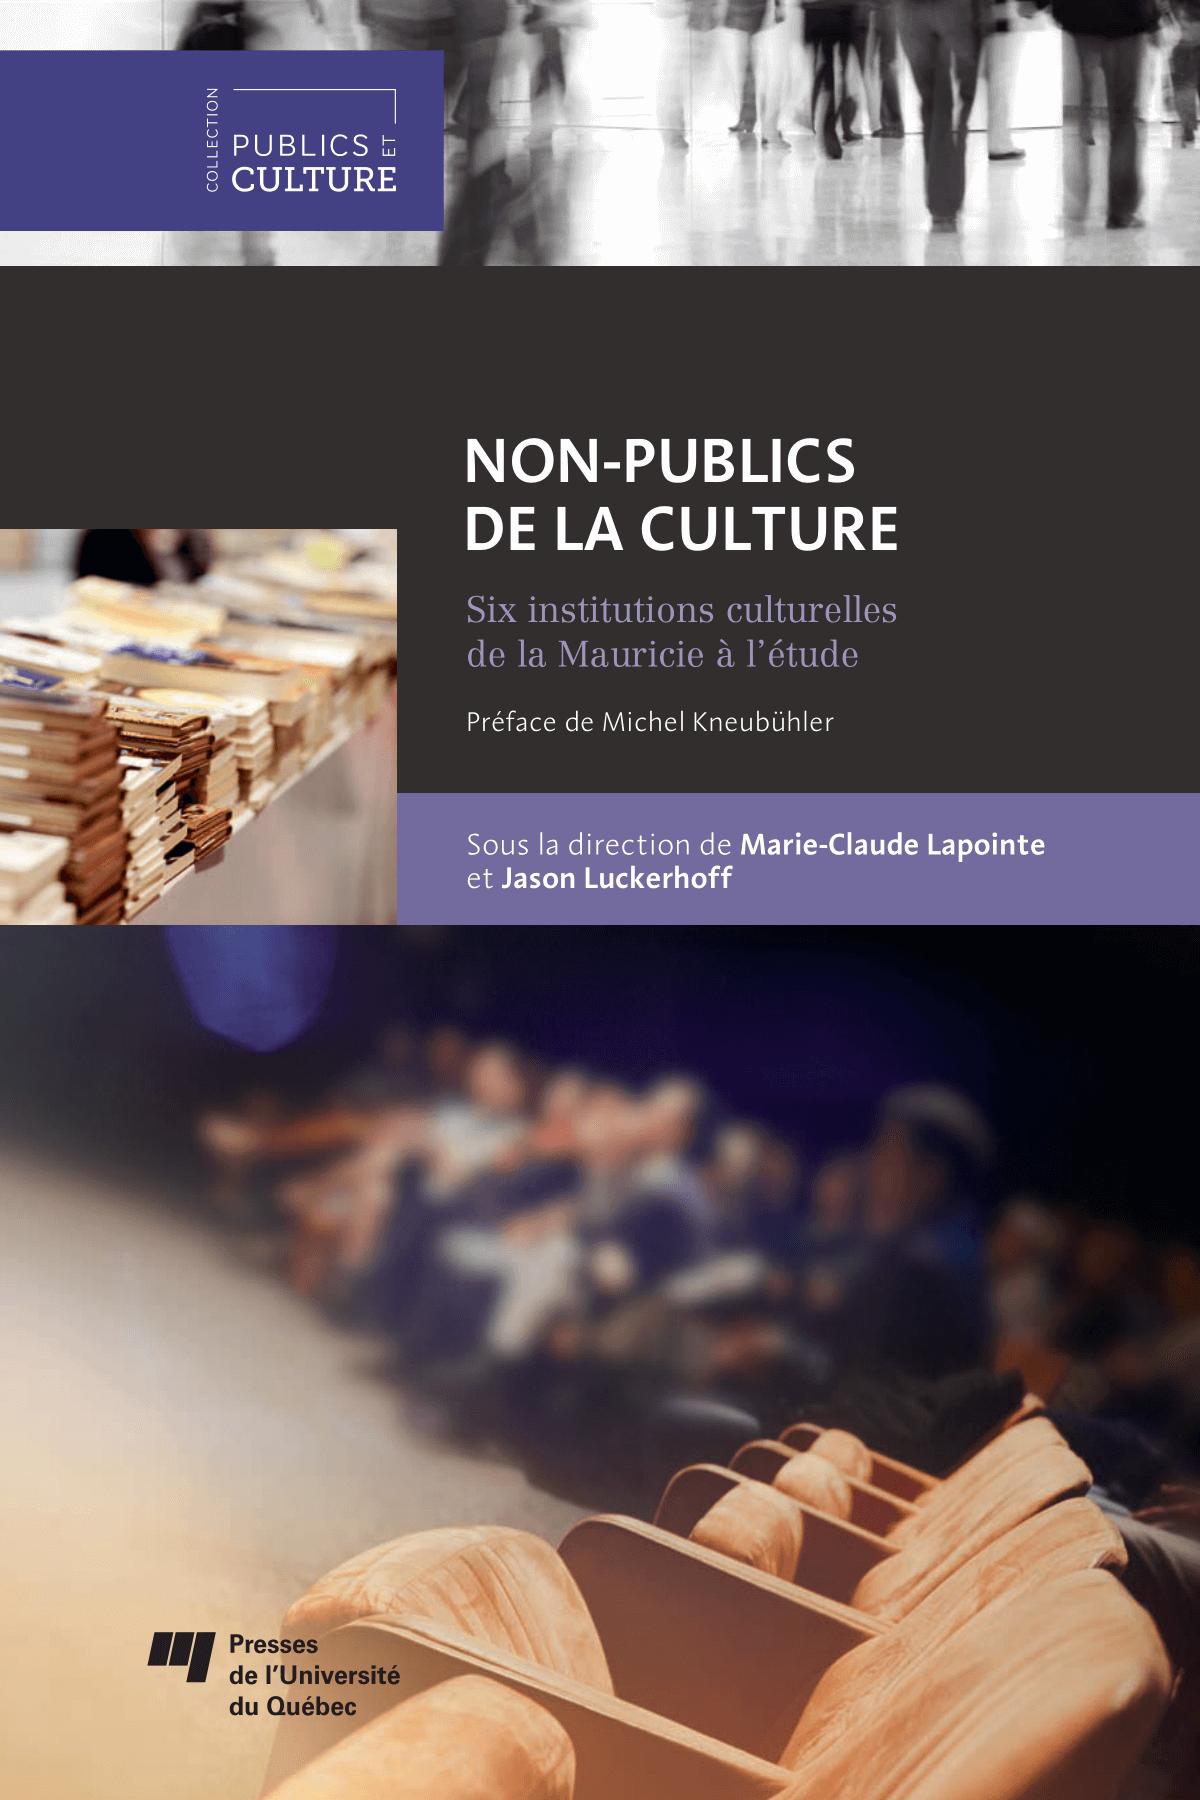 Non-publics de la culture